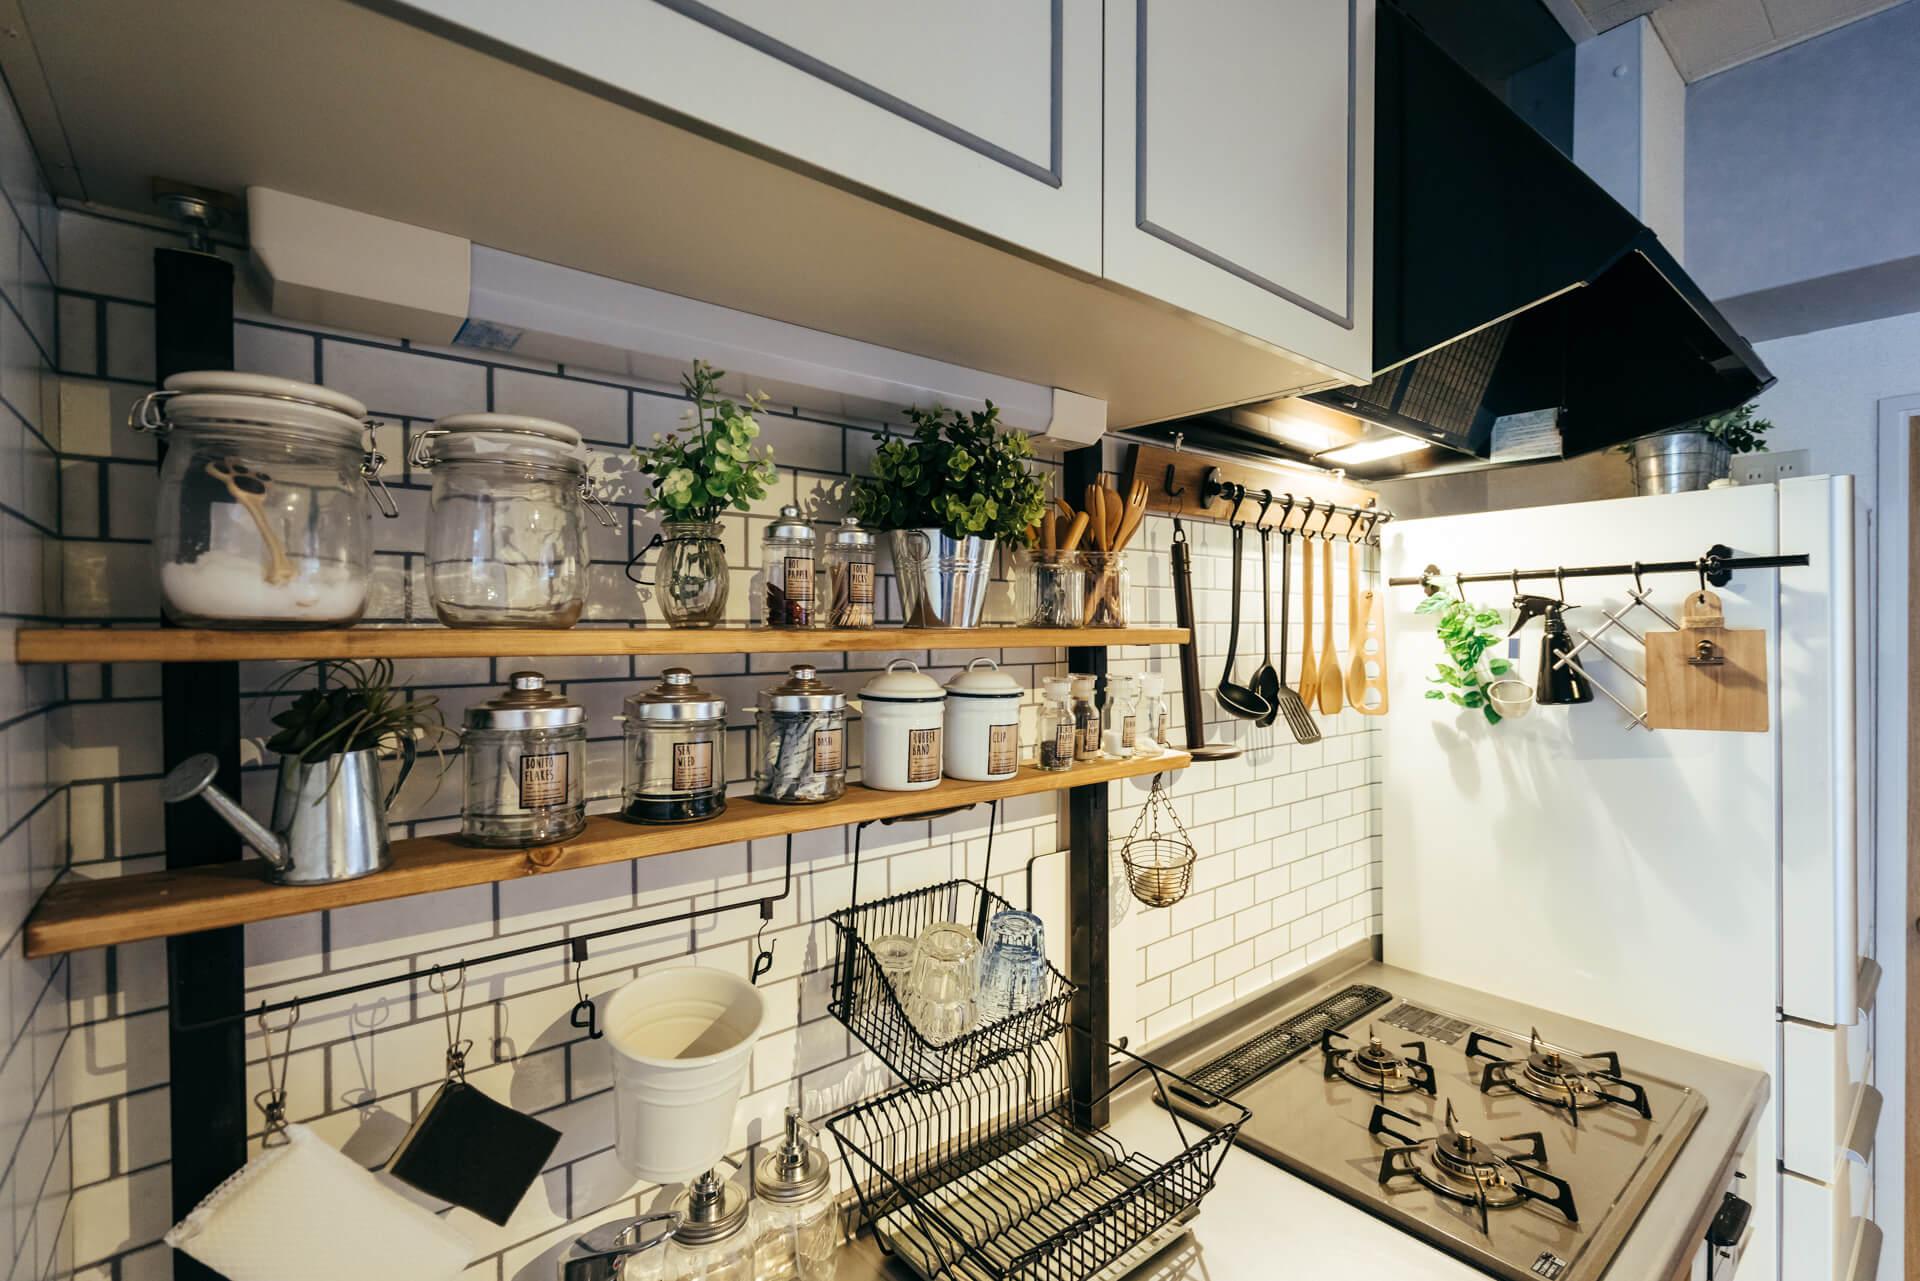 Kaniさんのお部屋では、使い勝手の悪かった水切り棚を外してしまって、アジャスター金具を使って使いやすいオープン収納をつくりました。